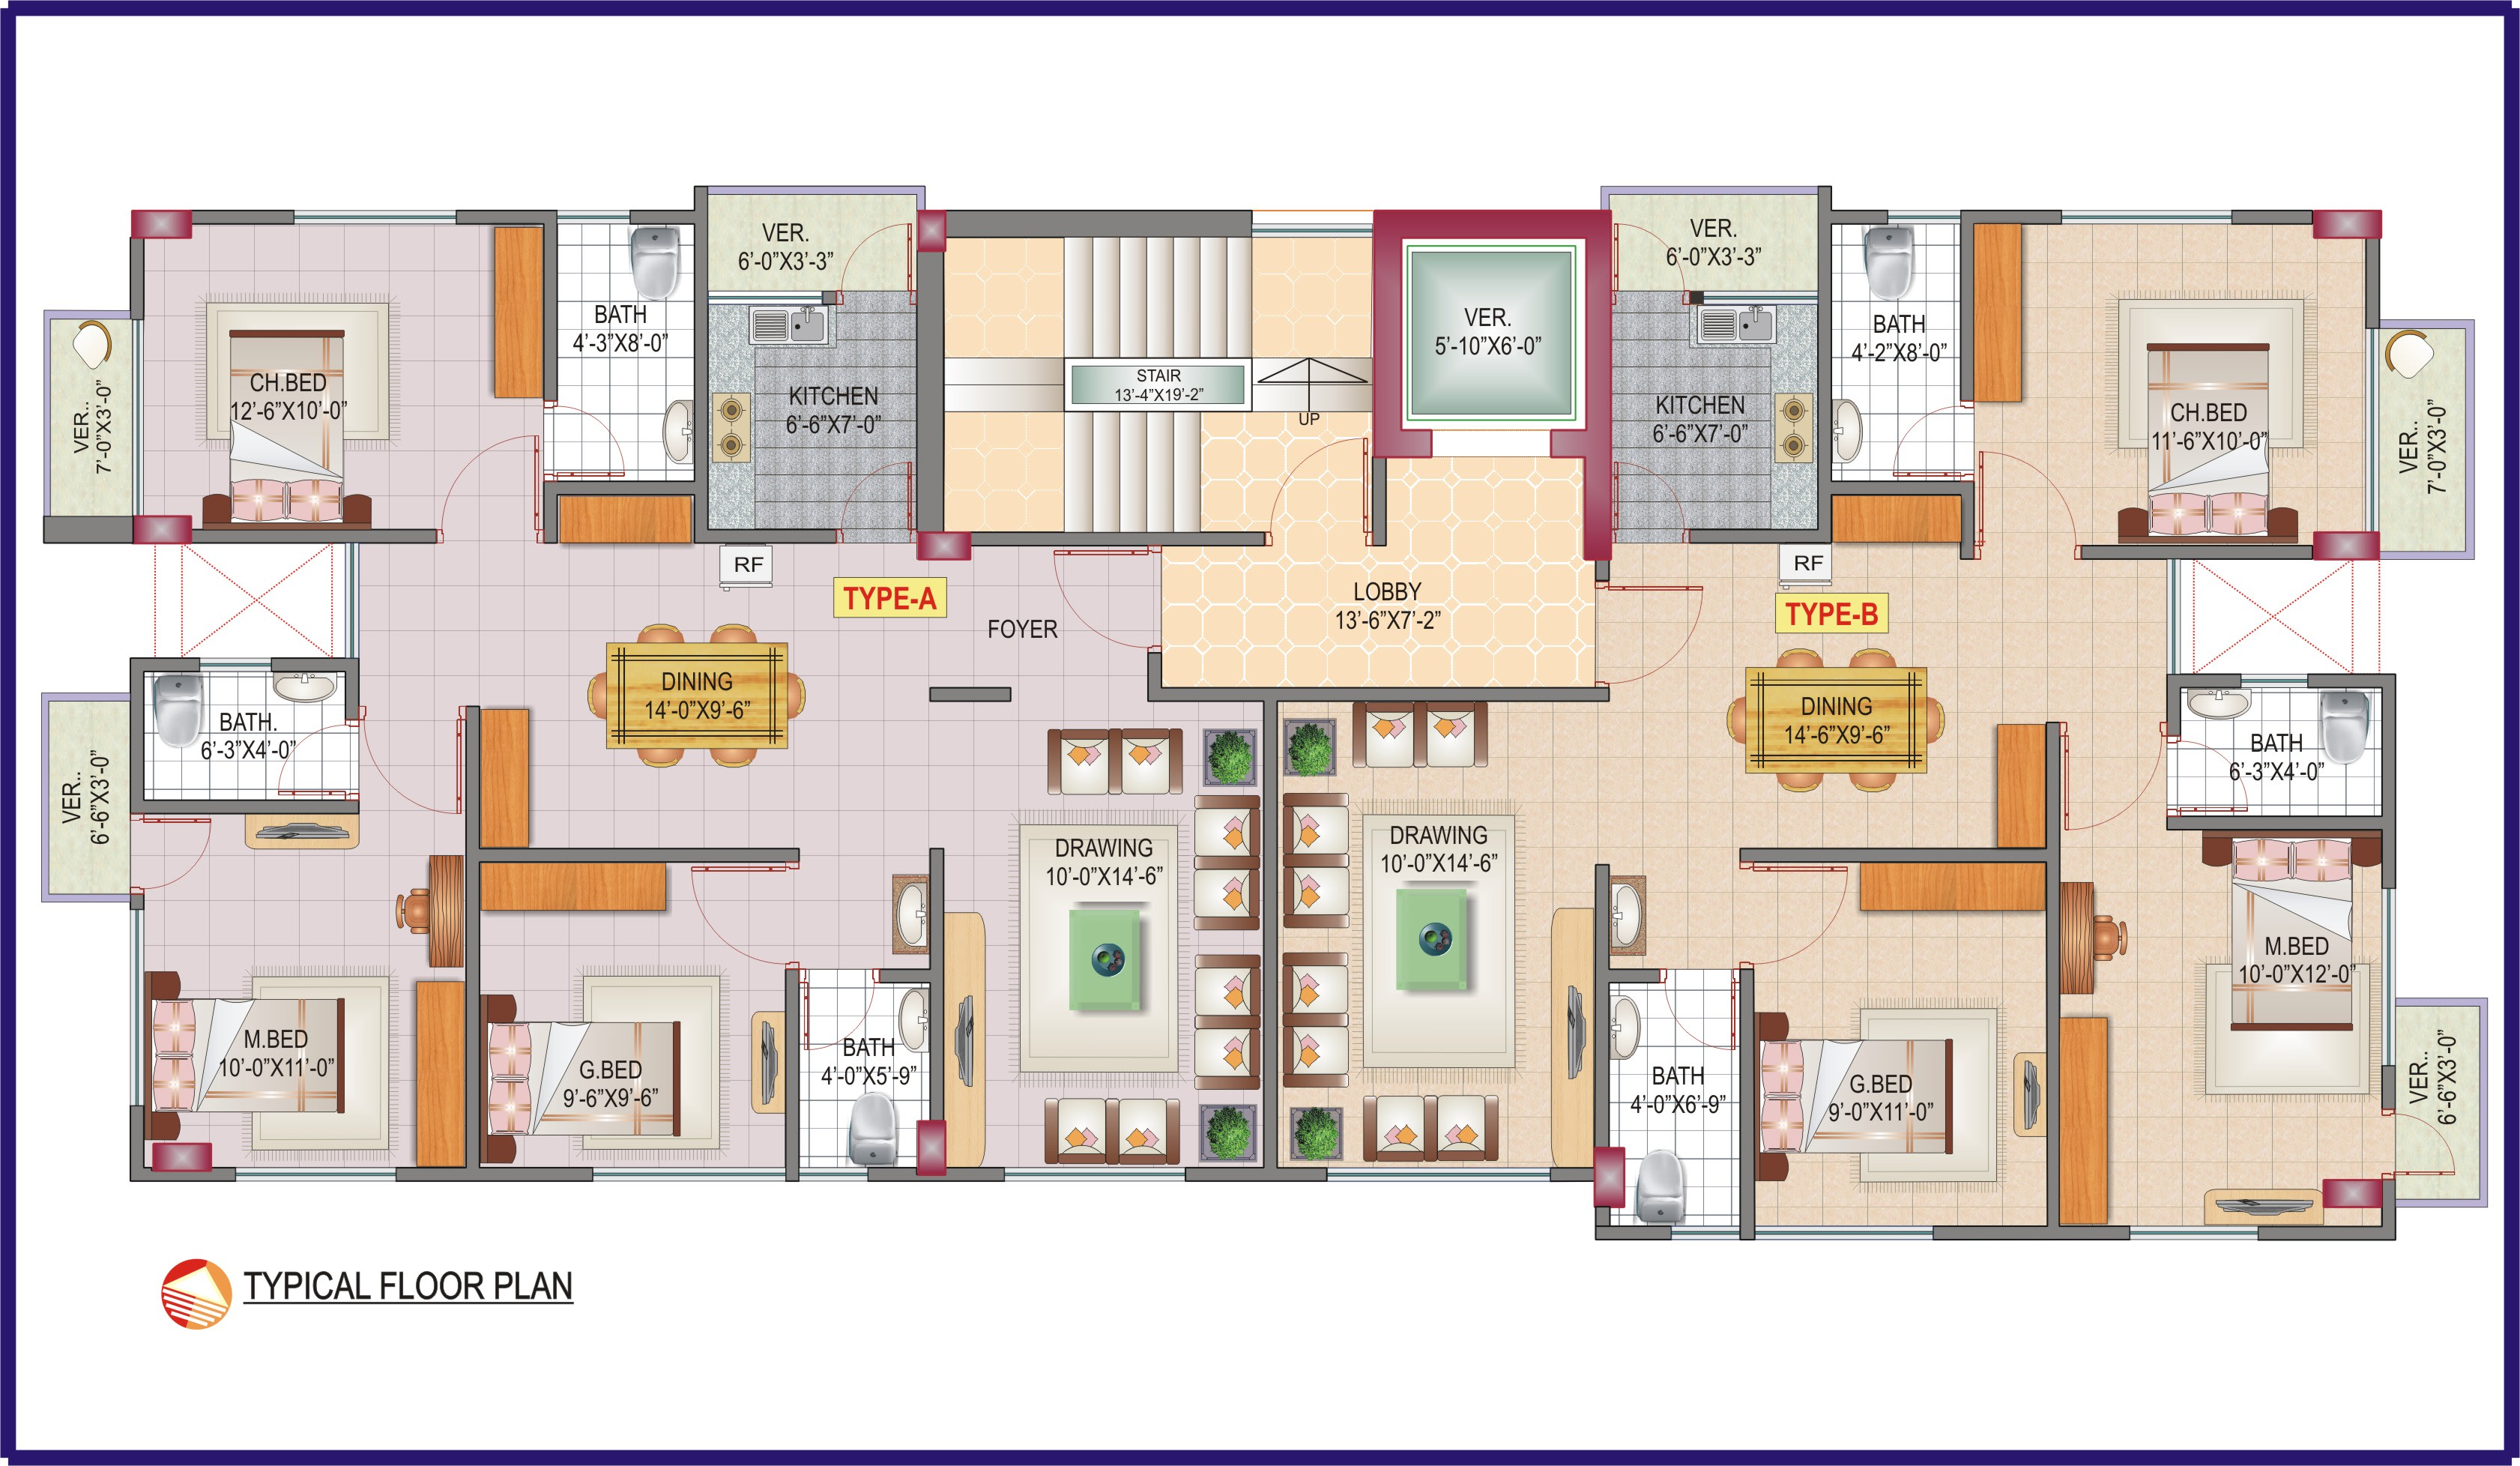 Draw A Floor Plan In Coreldraw By Noman9491 Fiverr